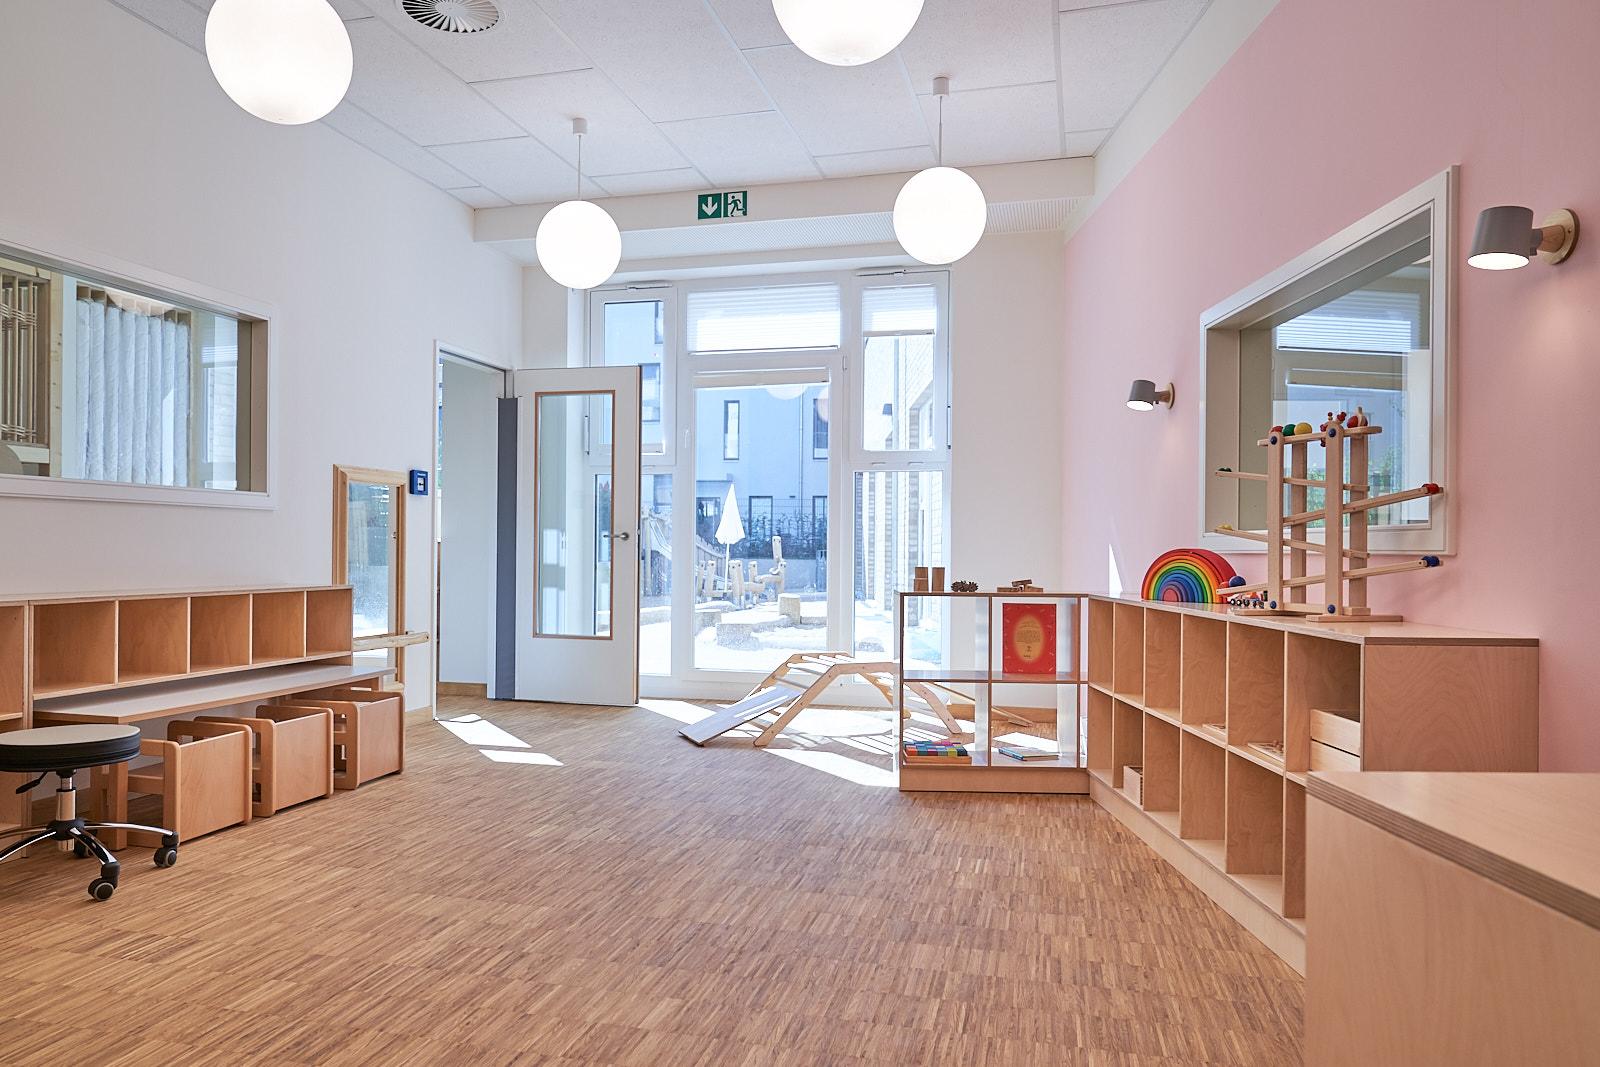 Hamburg, Neue Mitte Altona, Moete, Kita Sandvika, Krippe, U3, Kita, Kindergarten, Kindertagesstätte, Schlafpodest, Krippe 04-01.jpg